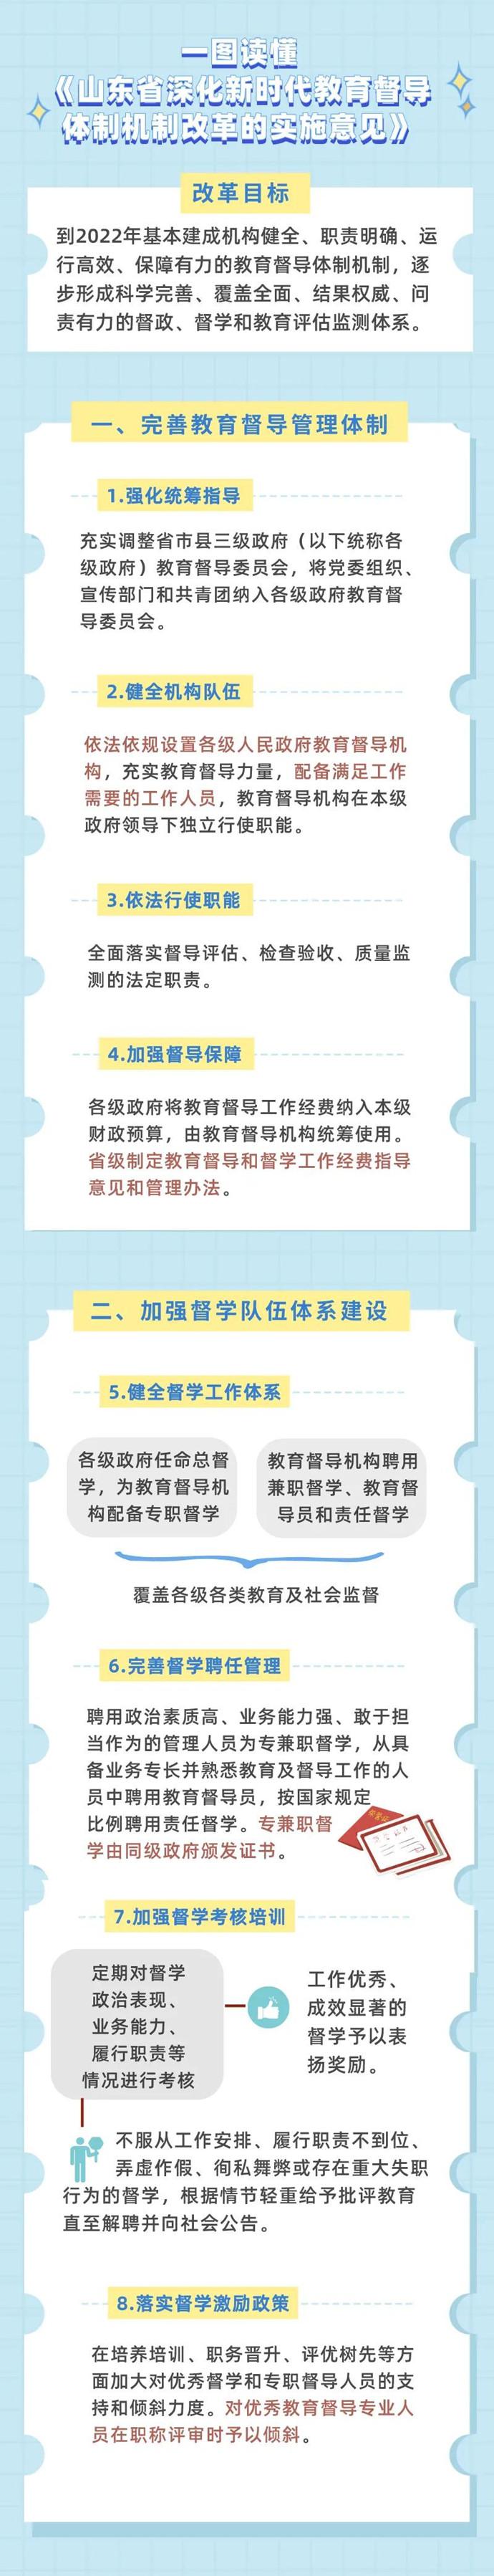 《山東省深化新時代教育督導體制機制改革的實施意見》發布